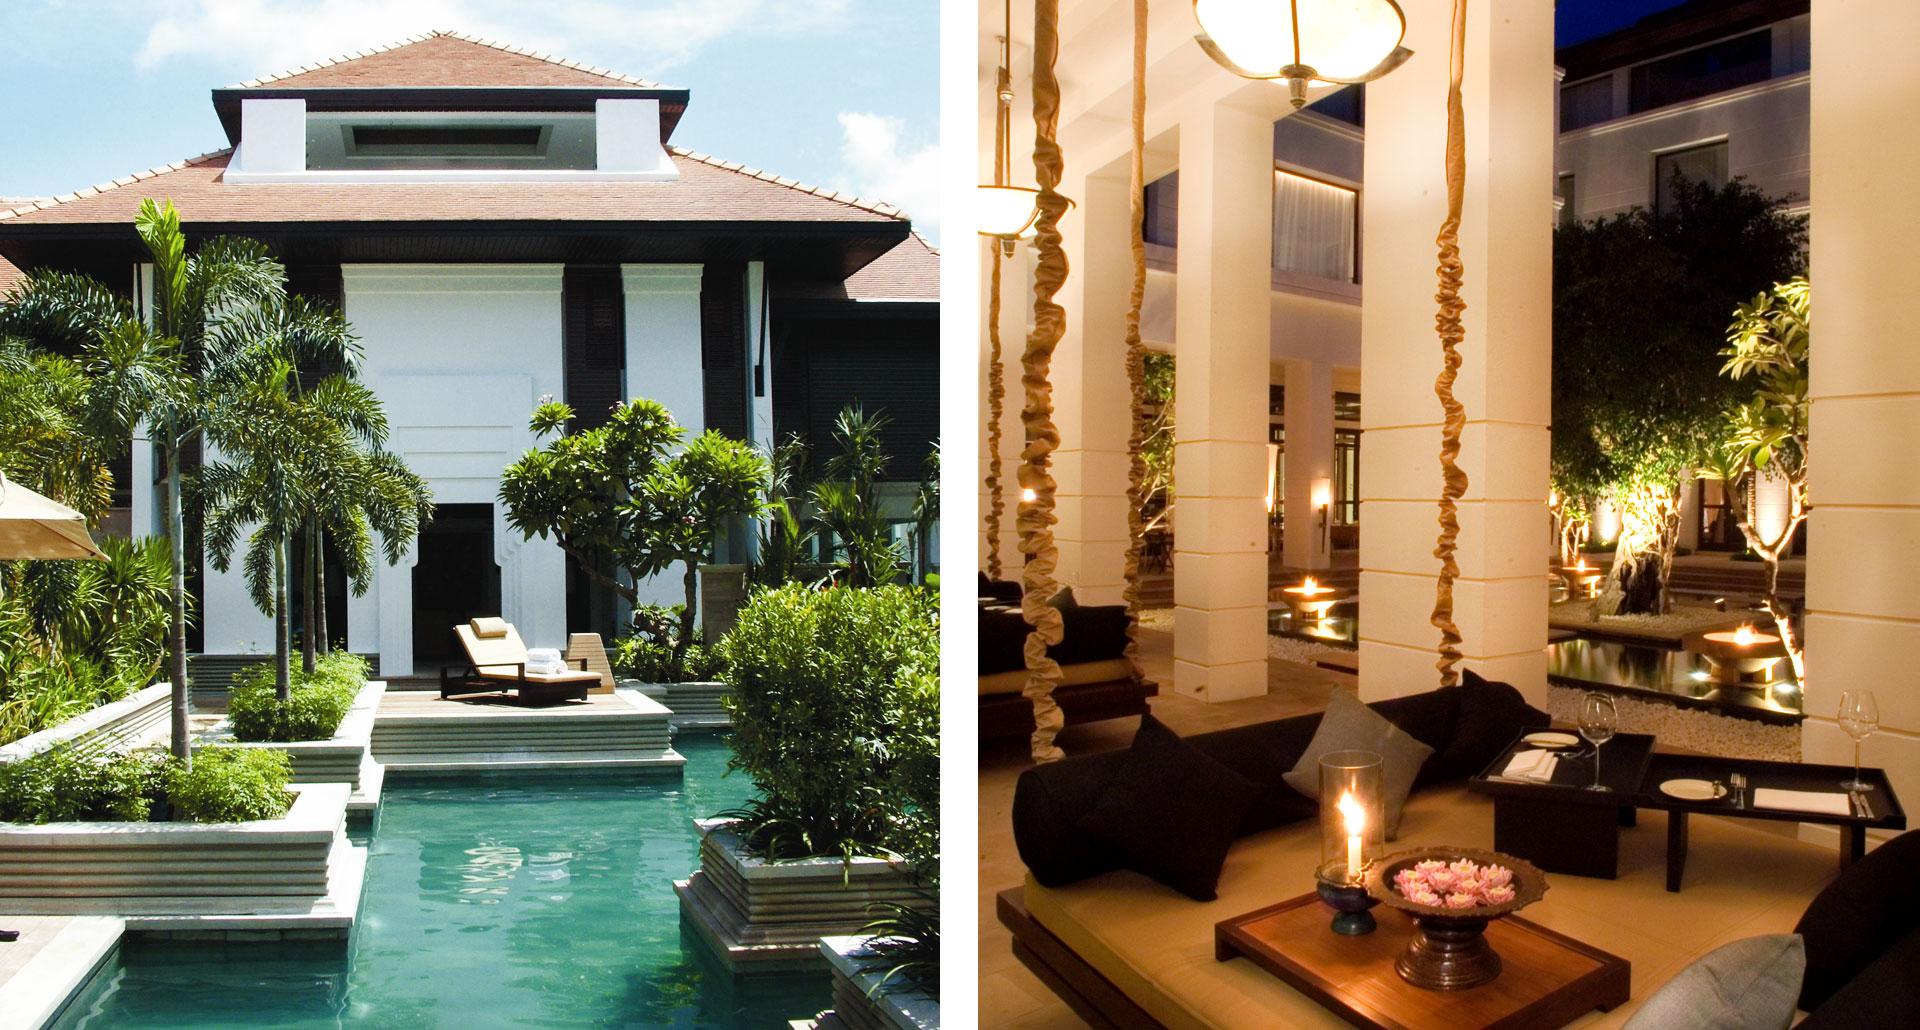 Park Hyatt Siem reap - boutique hotel in Siem Reap